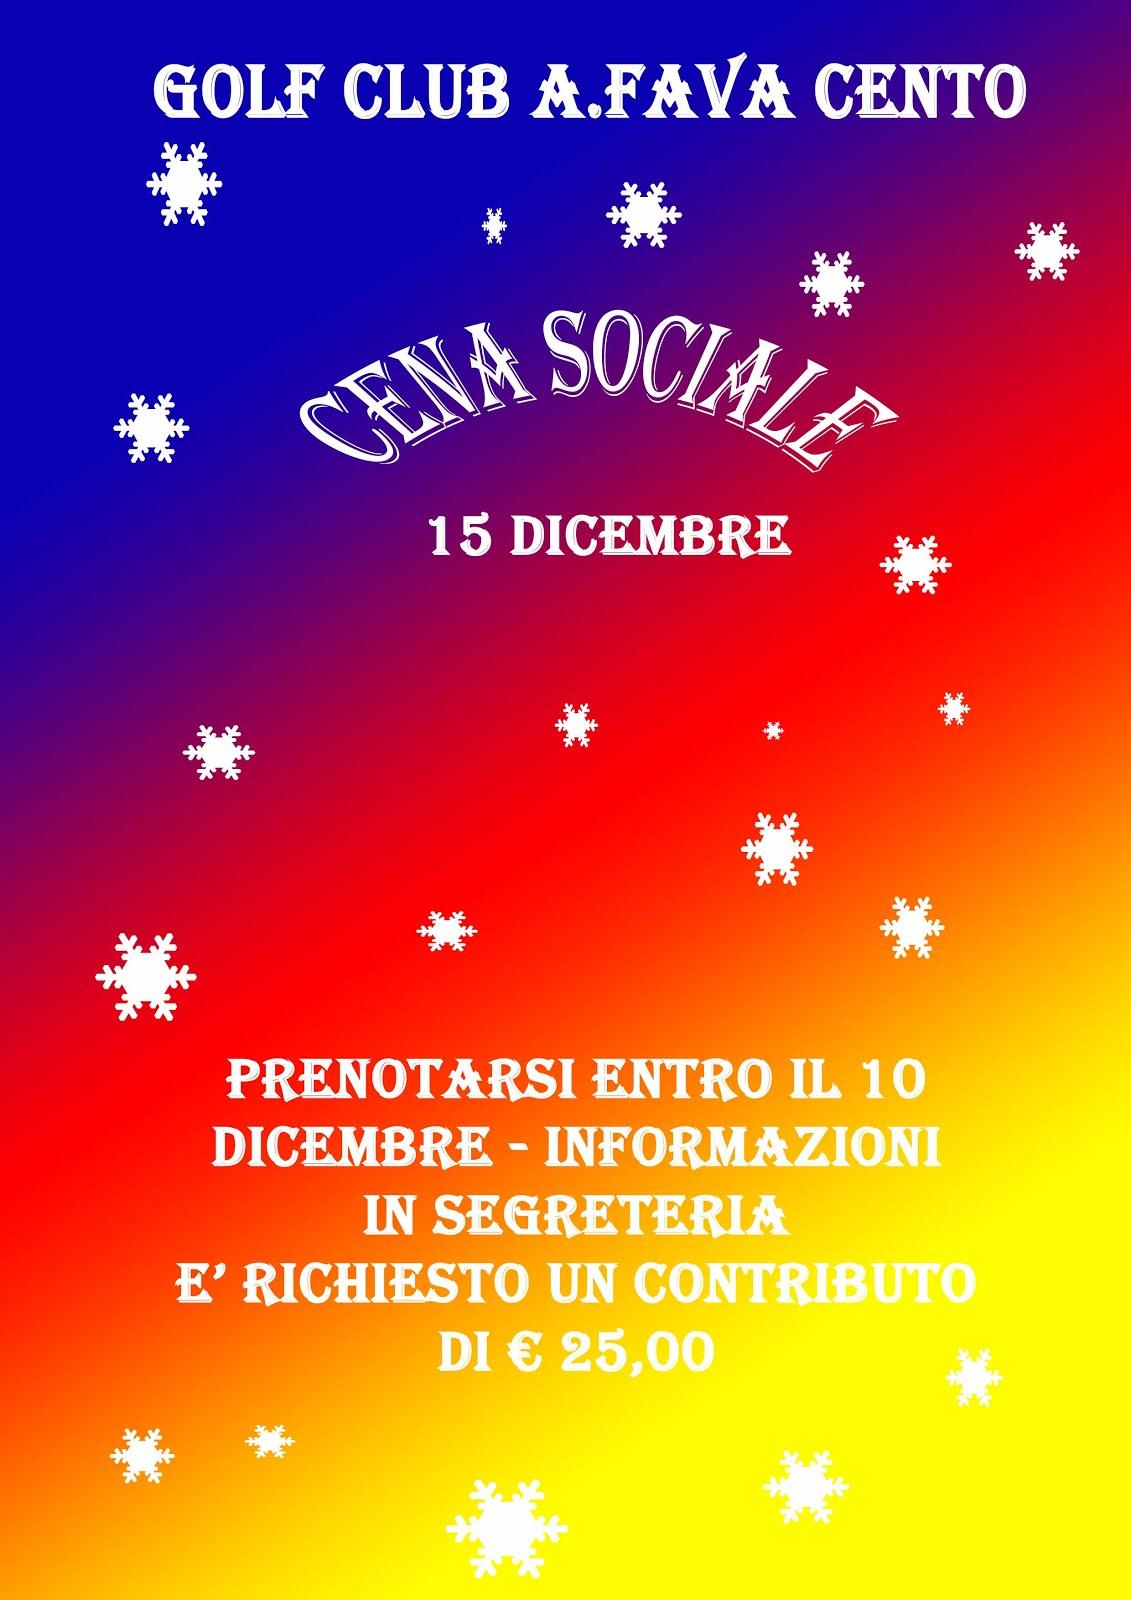 CENA SOCIALE 2016